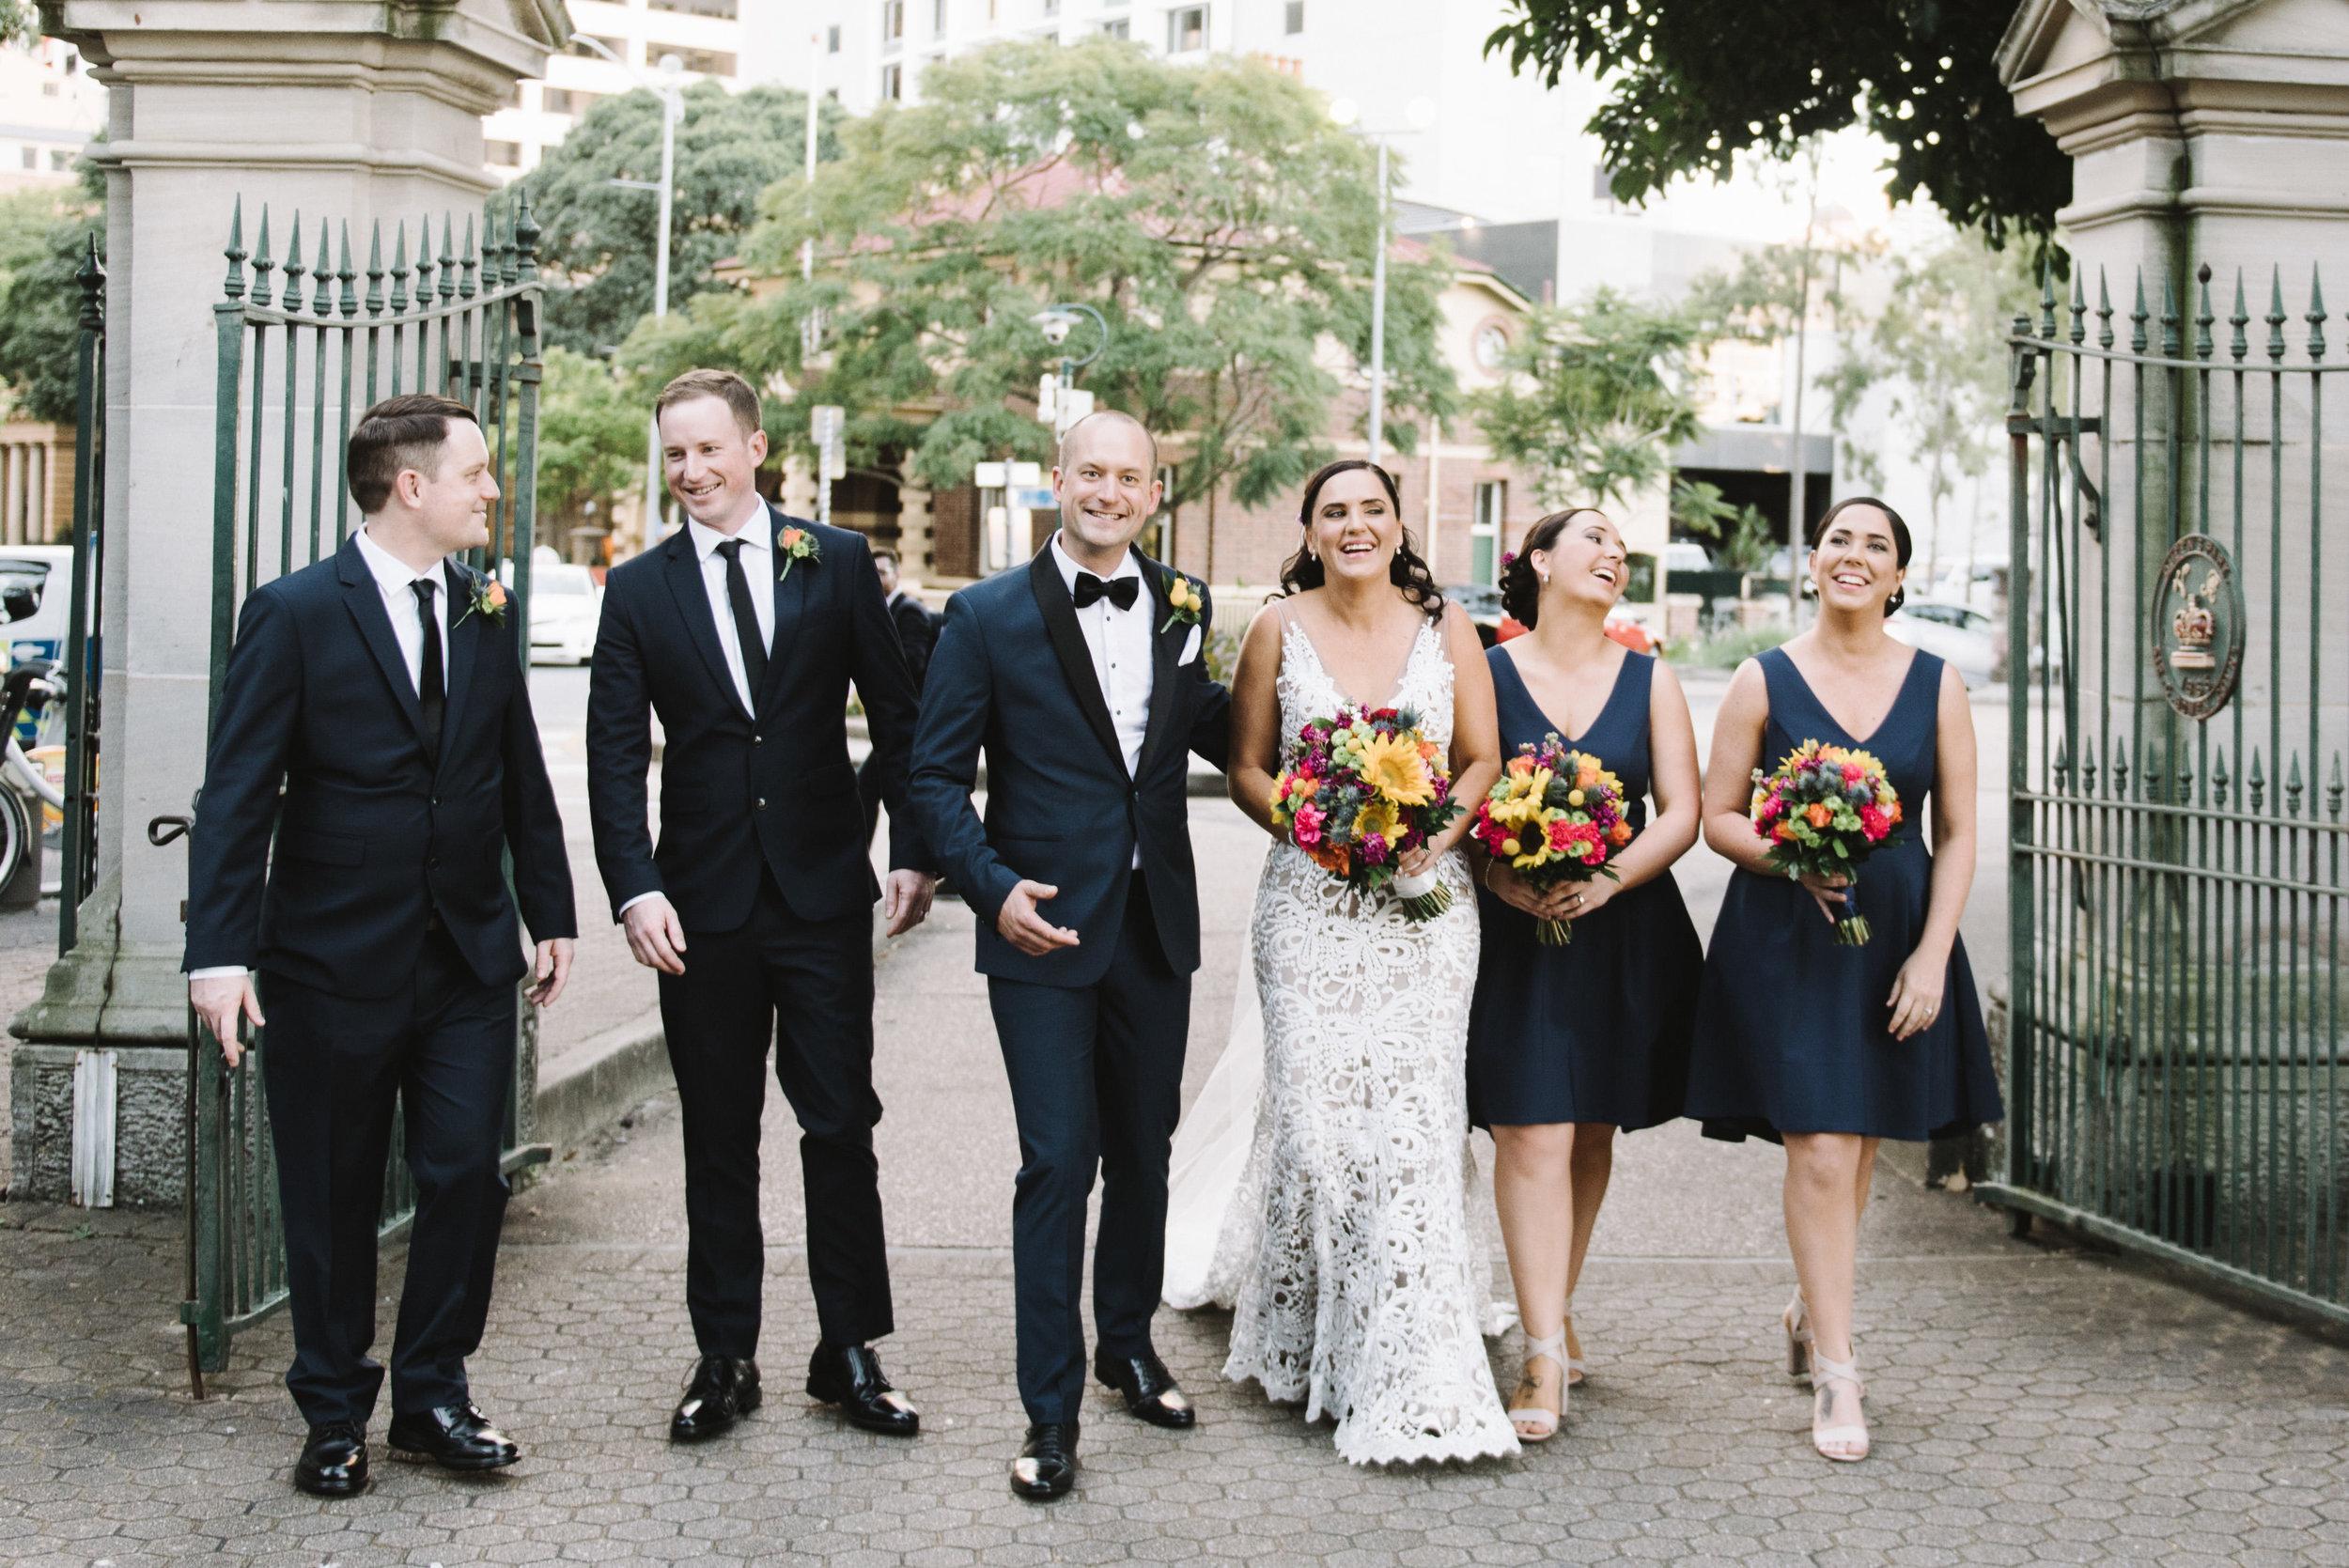 brisbane-stamford-plaza-wedding-47.jpg